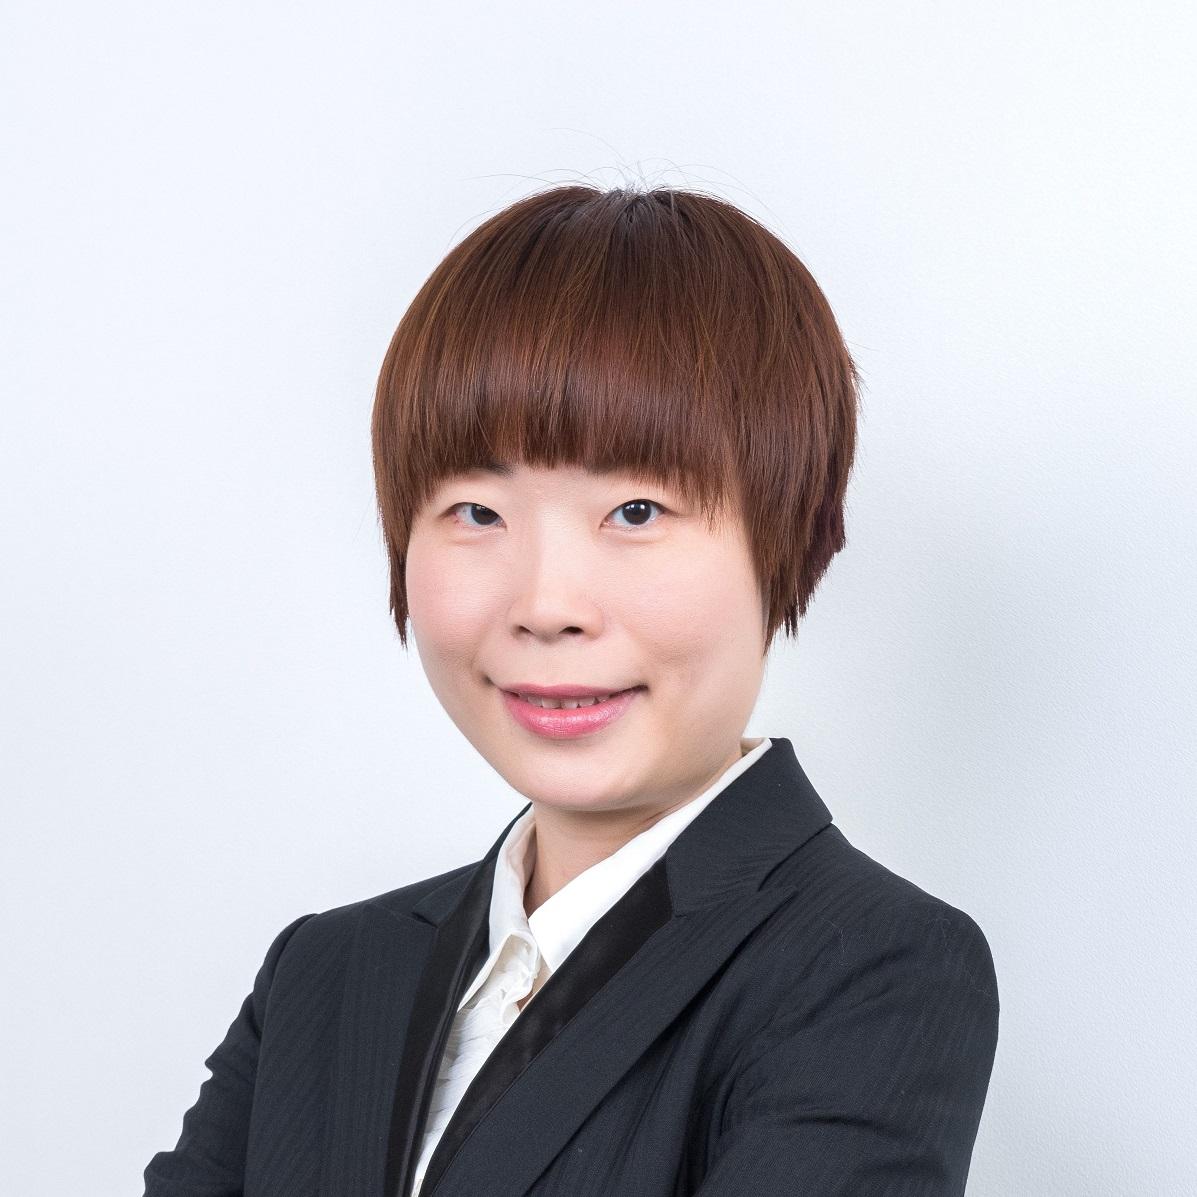 Ms. Daisy Li